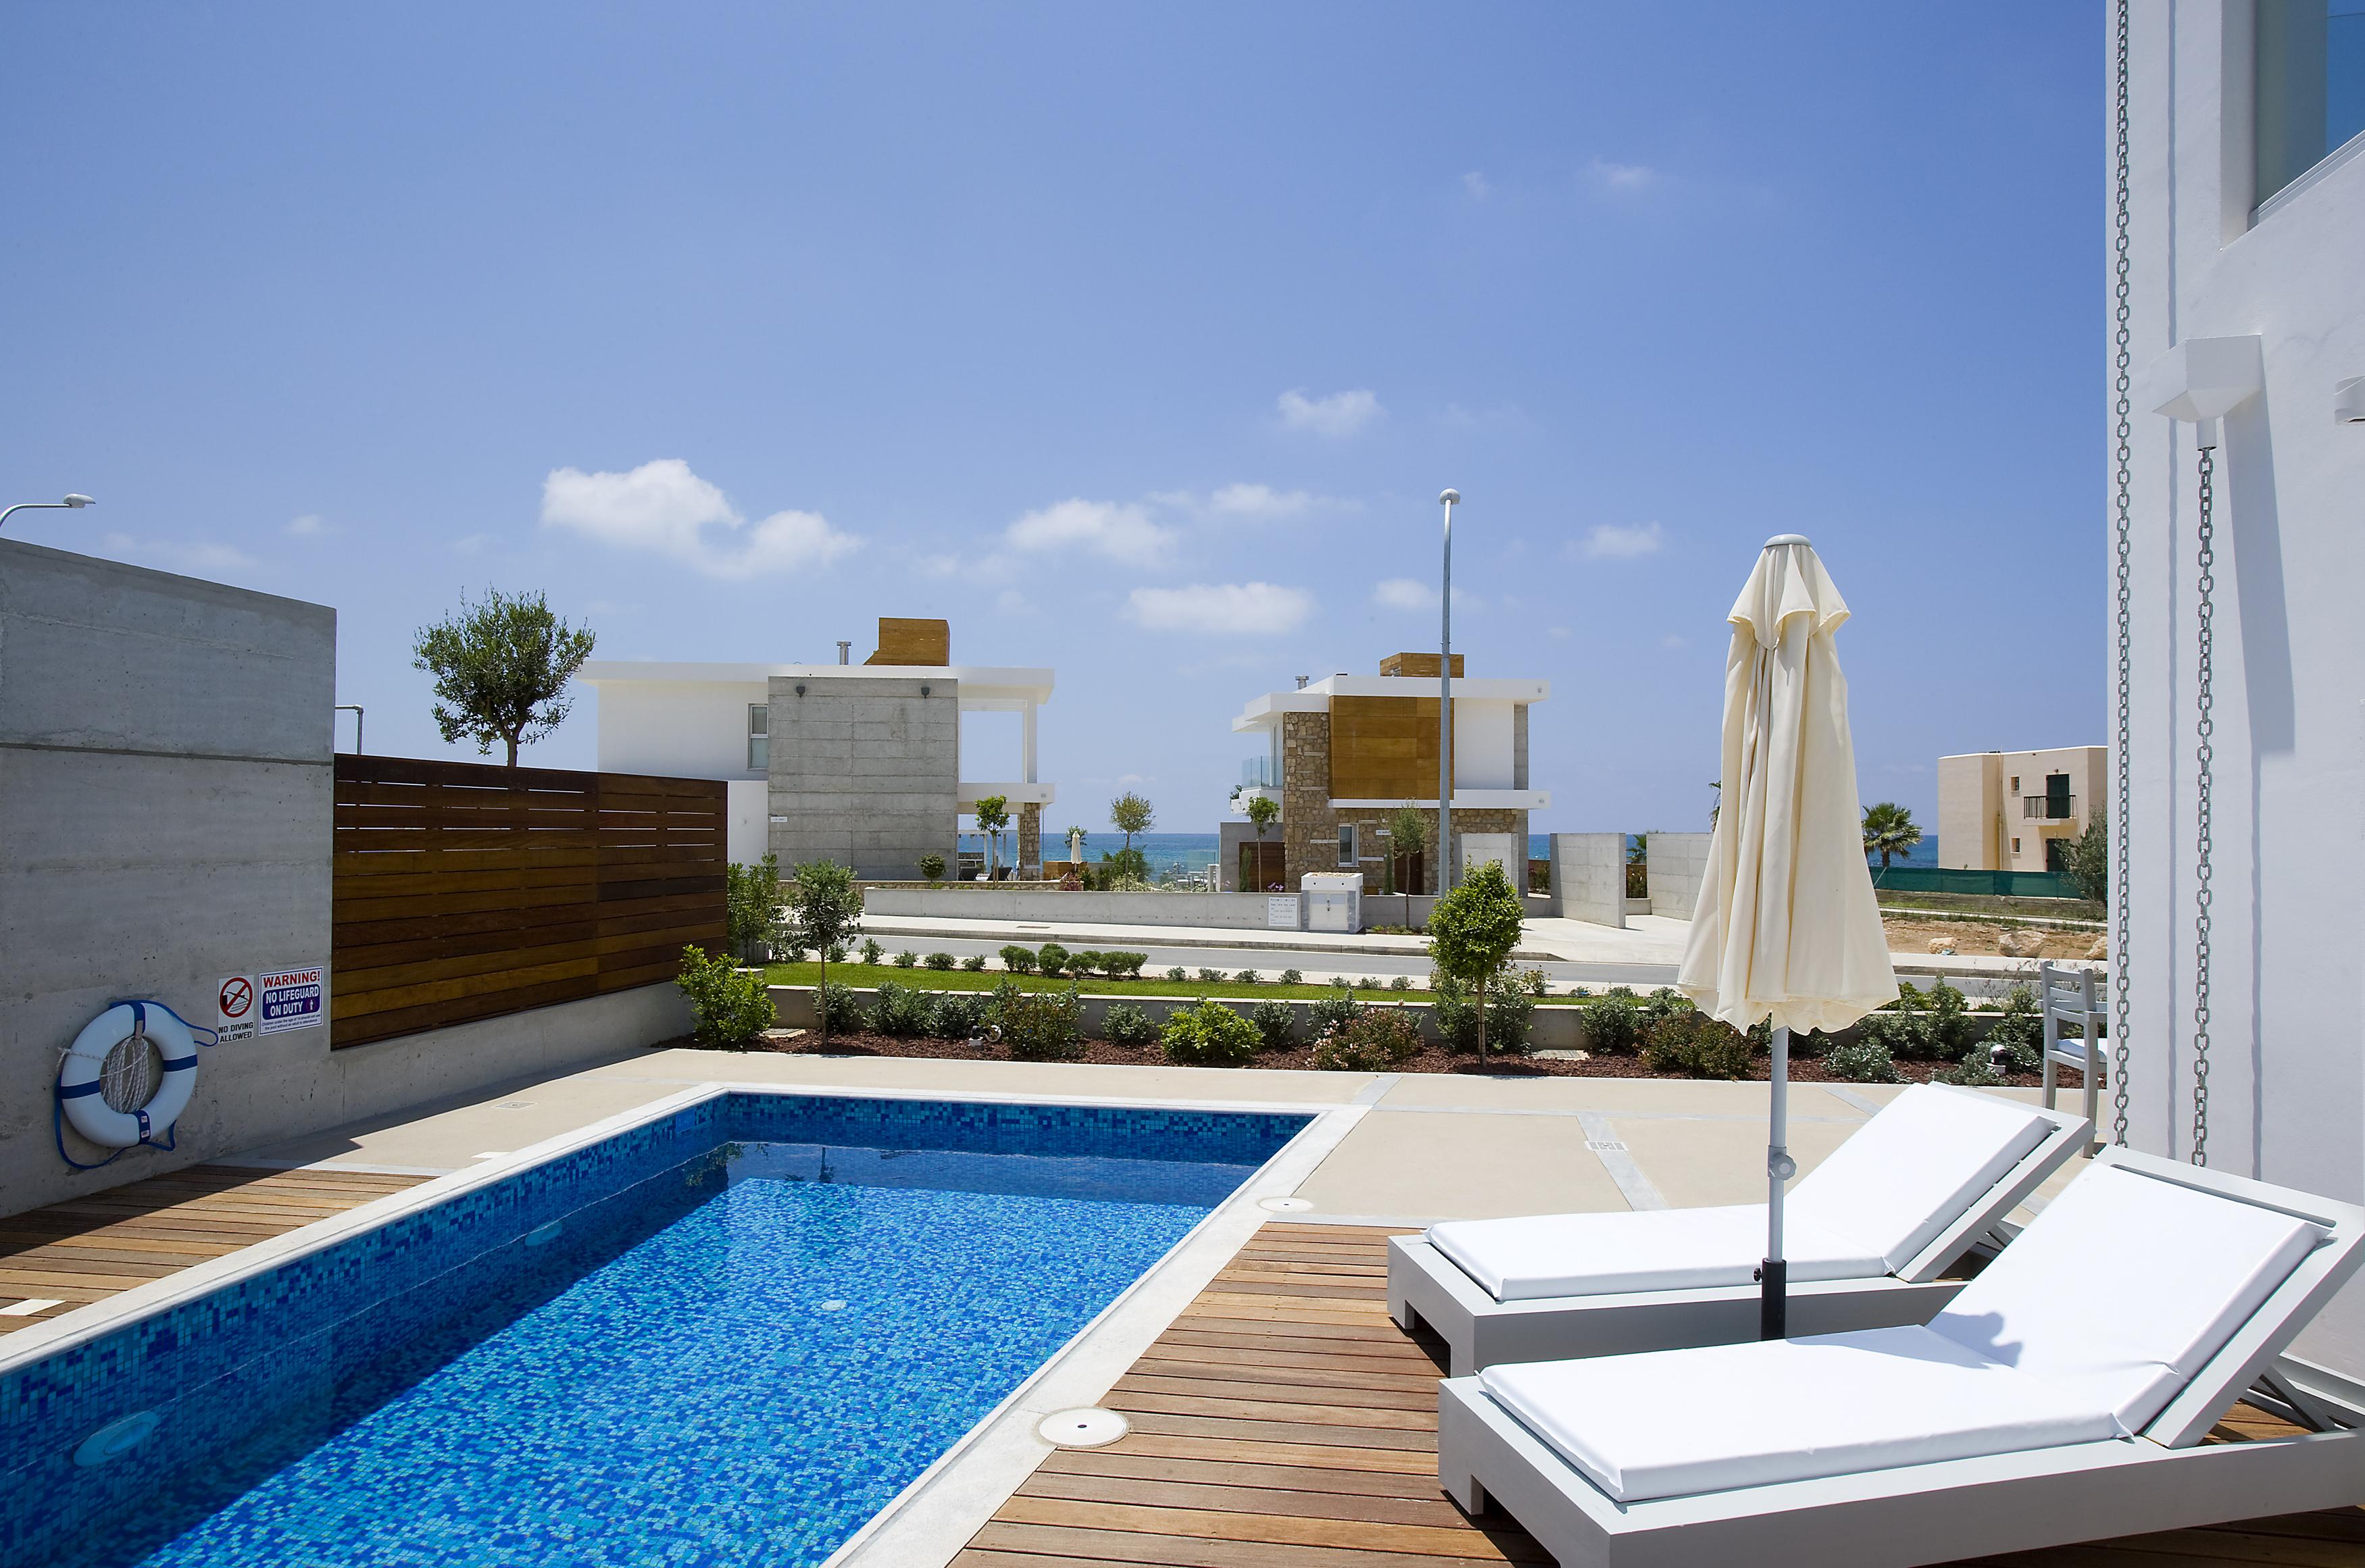 Azure beach villa in paphos Cyprus